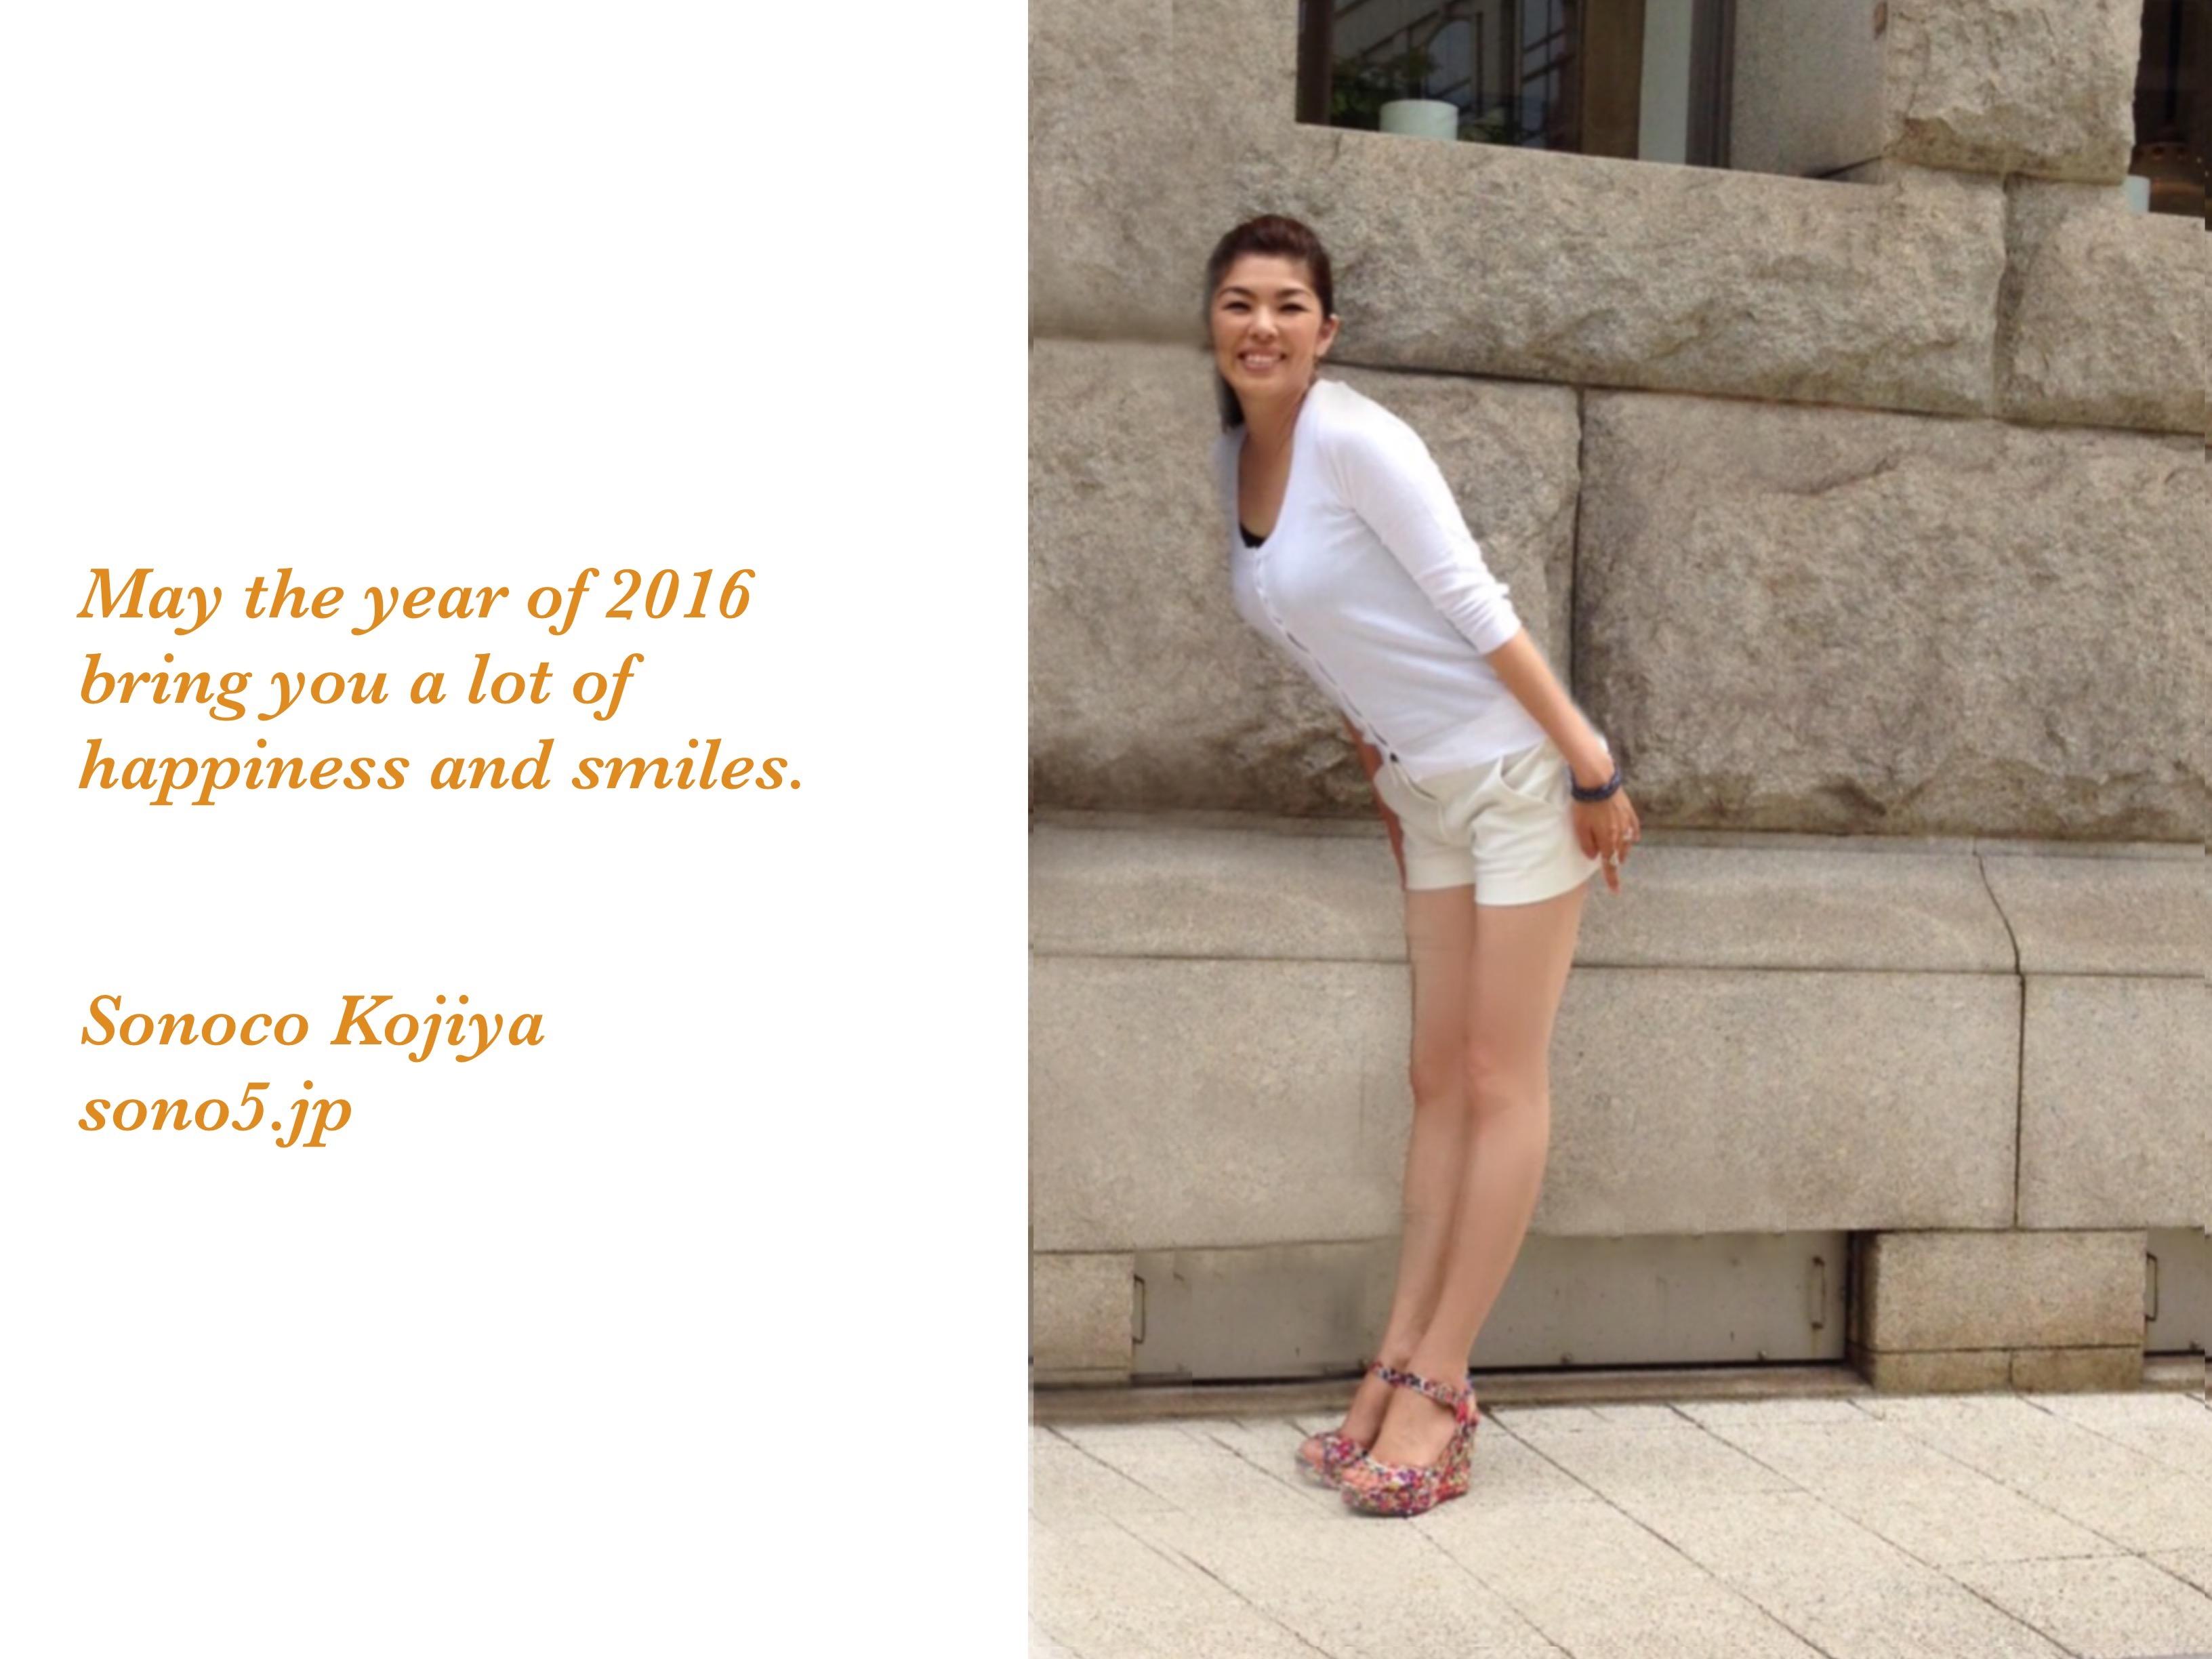 2016年 幸せと笑顔あふれる一年でありますように